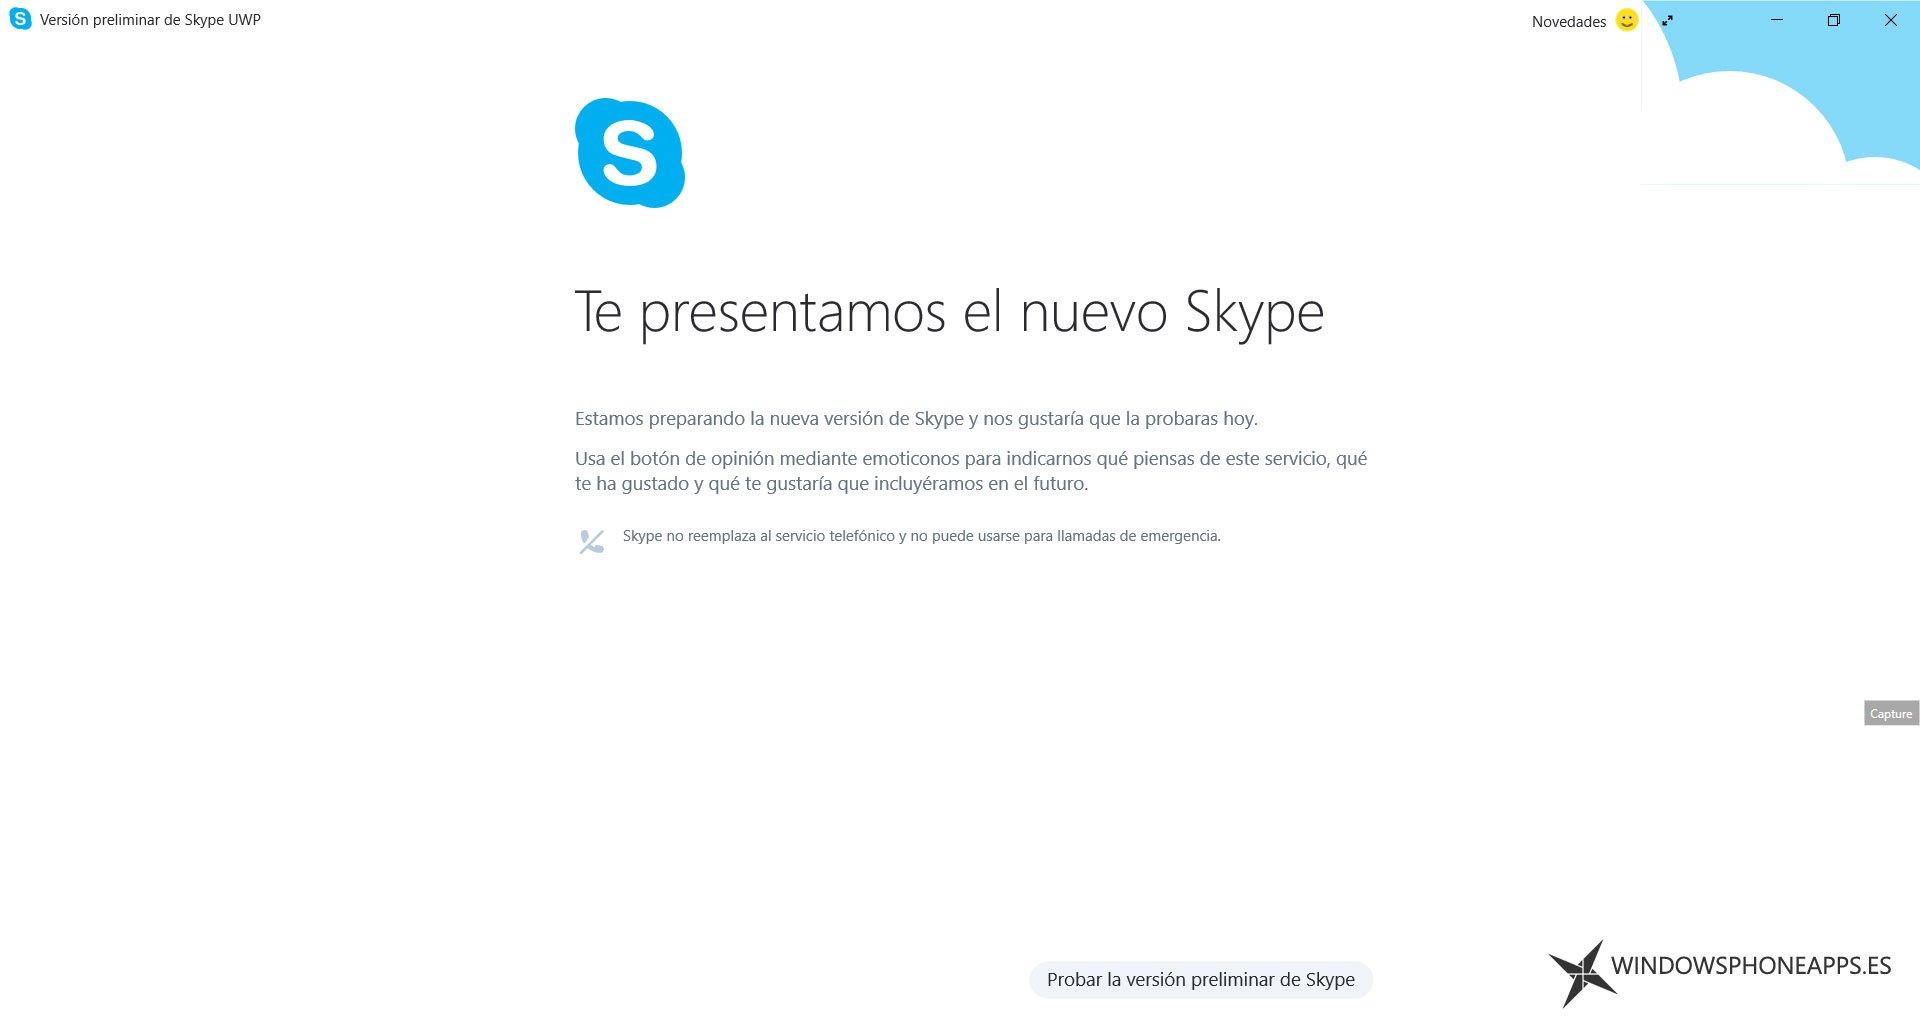 skype-uwp